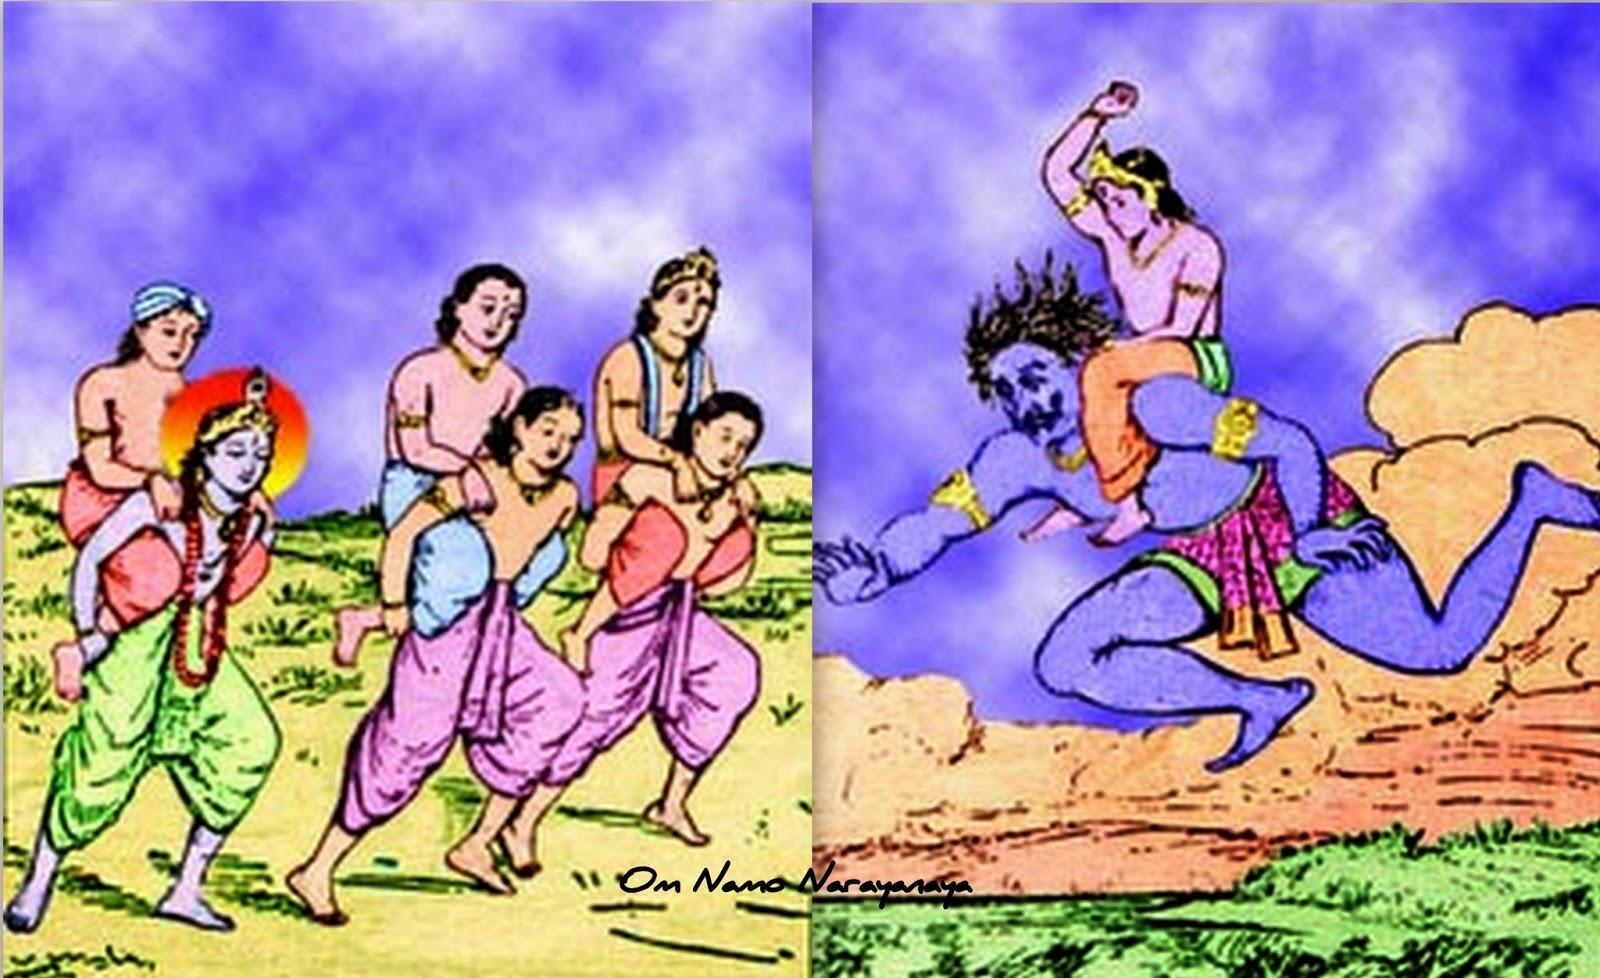 கண்ணன் கதைகள் (43) - பிரலம்பாசுர வதம்,கண்ணன் கதைகள், குருவாயூரப்பன் கதைகள்,